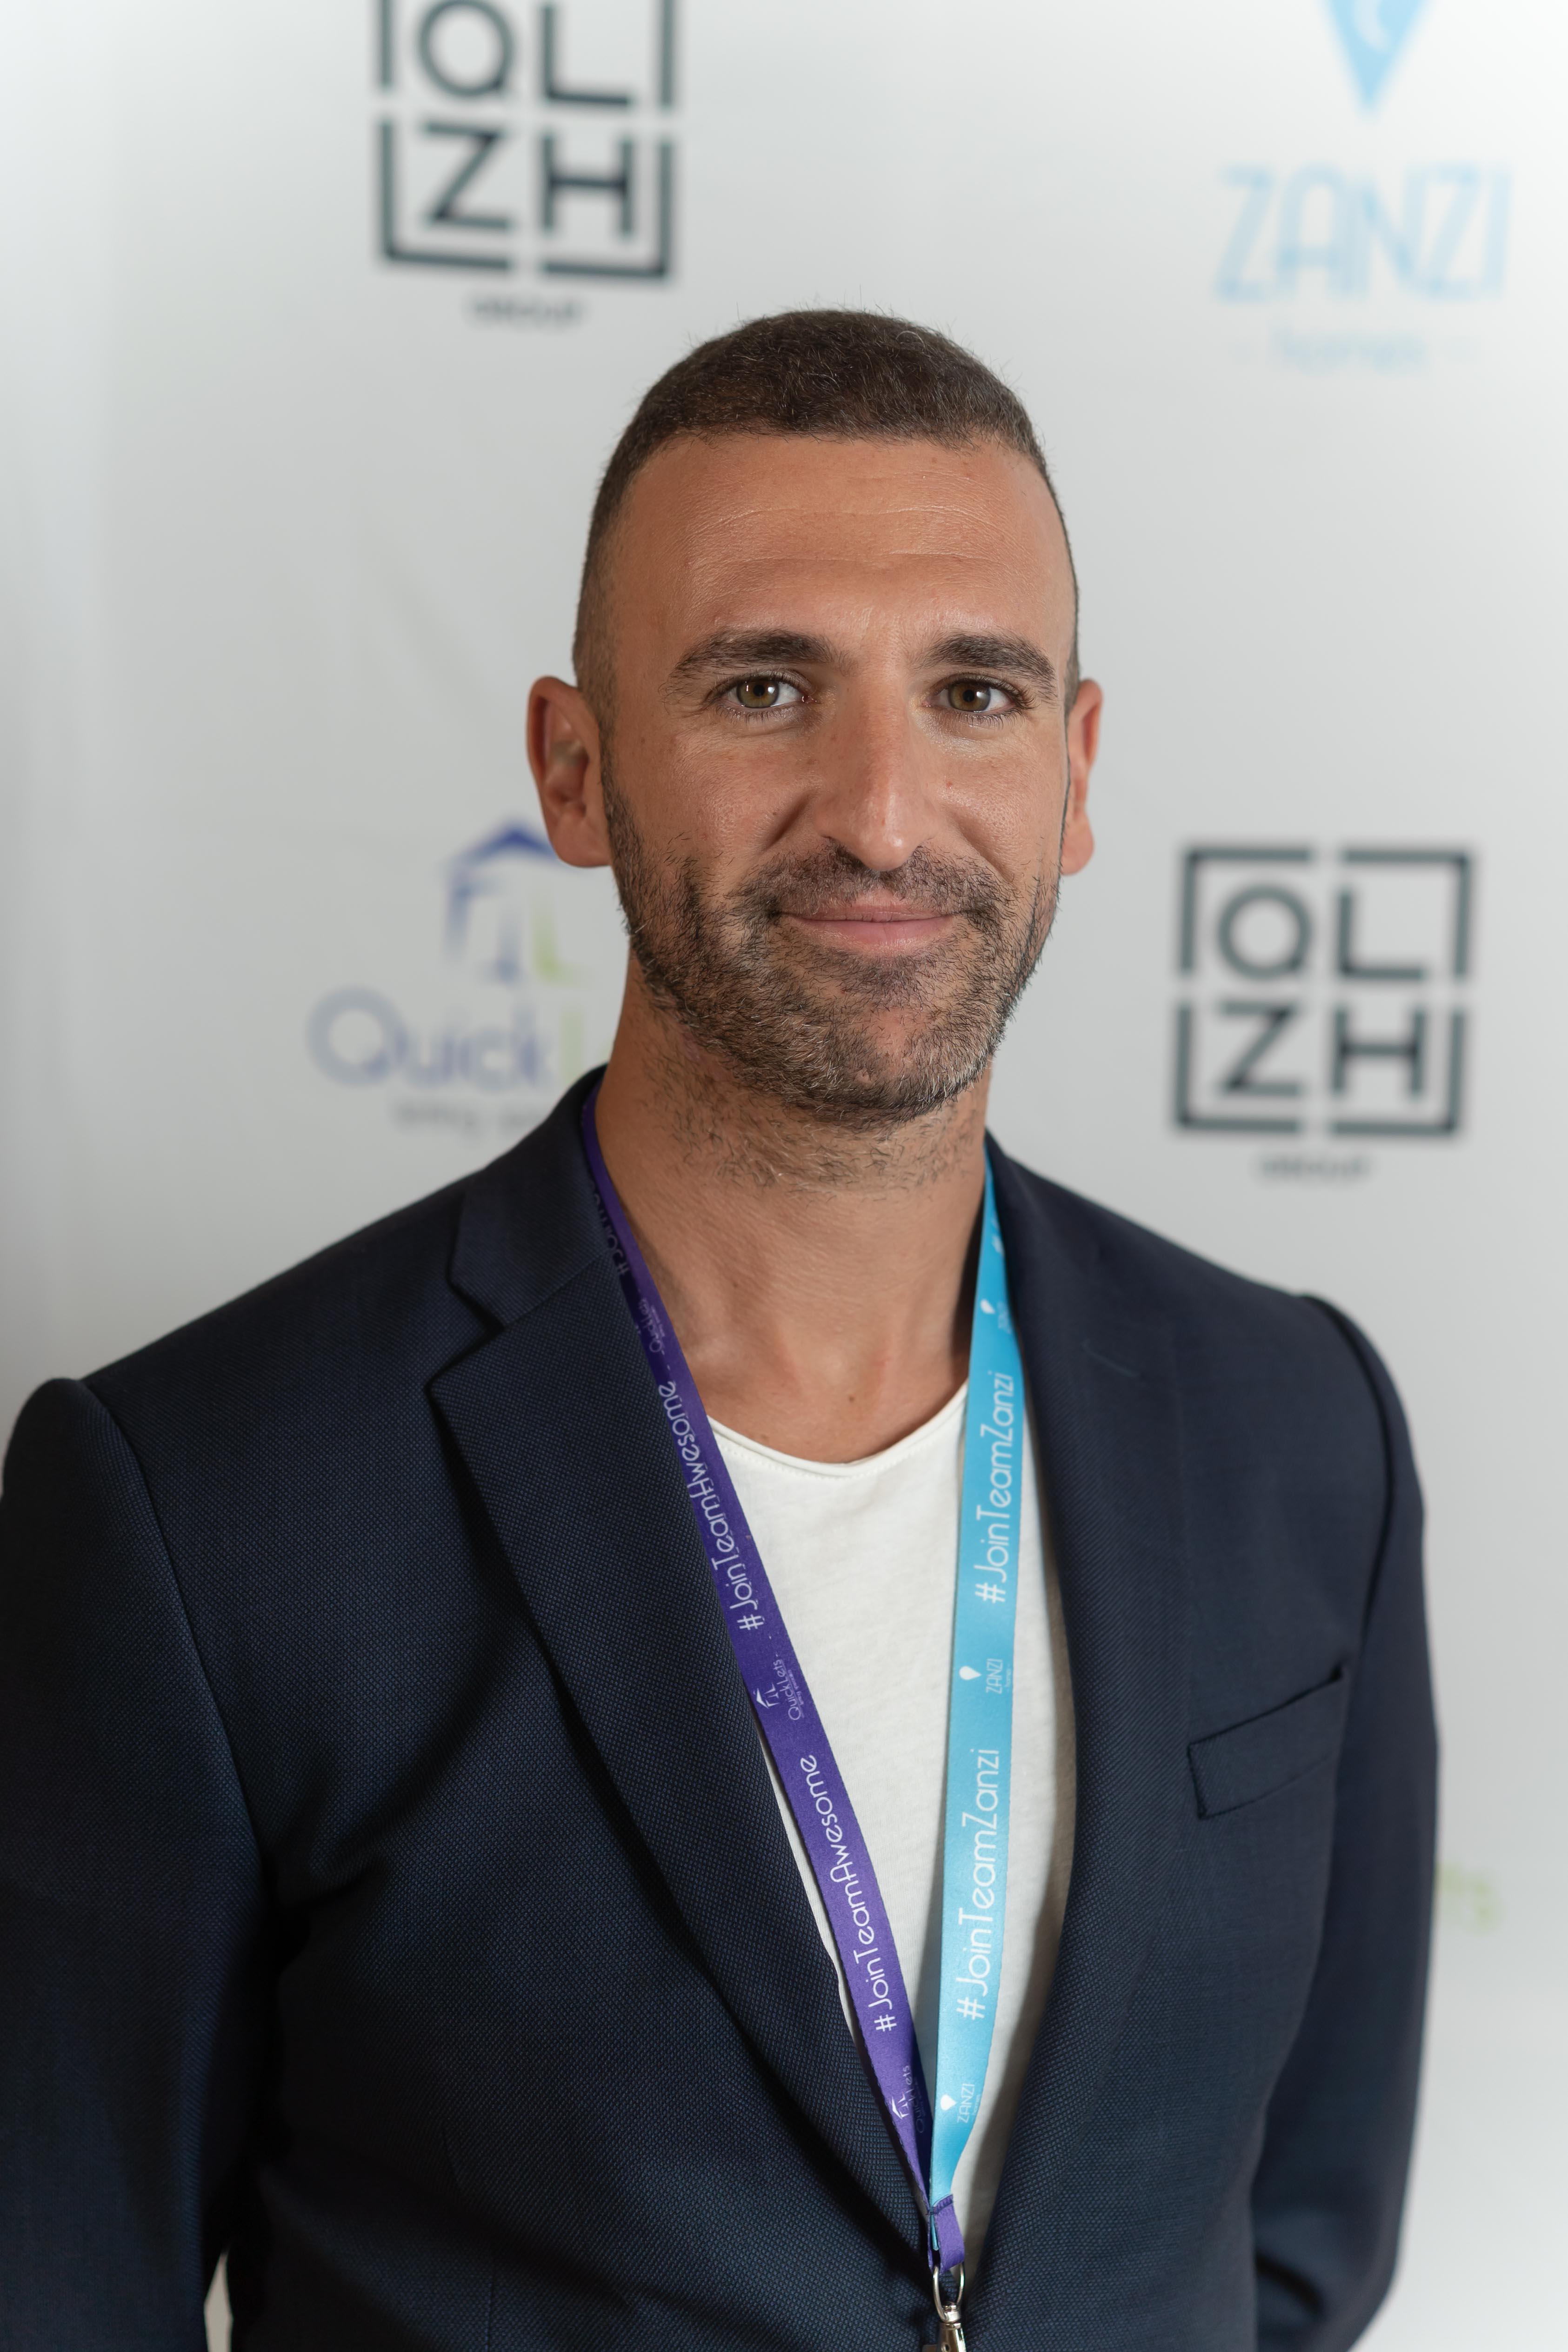 Jeffrey Farrugia